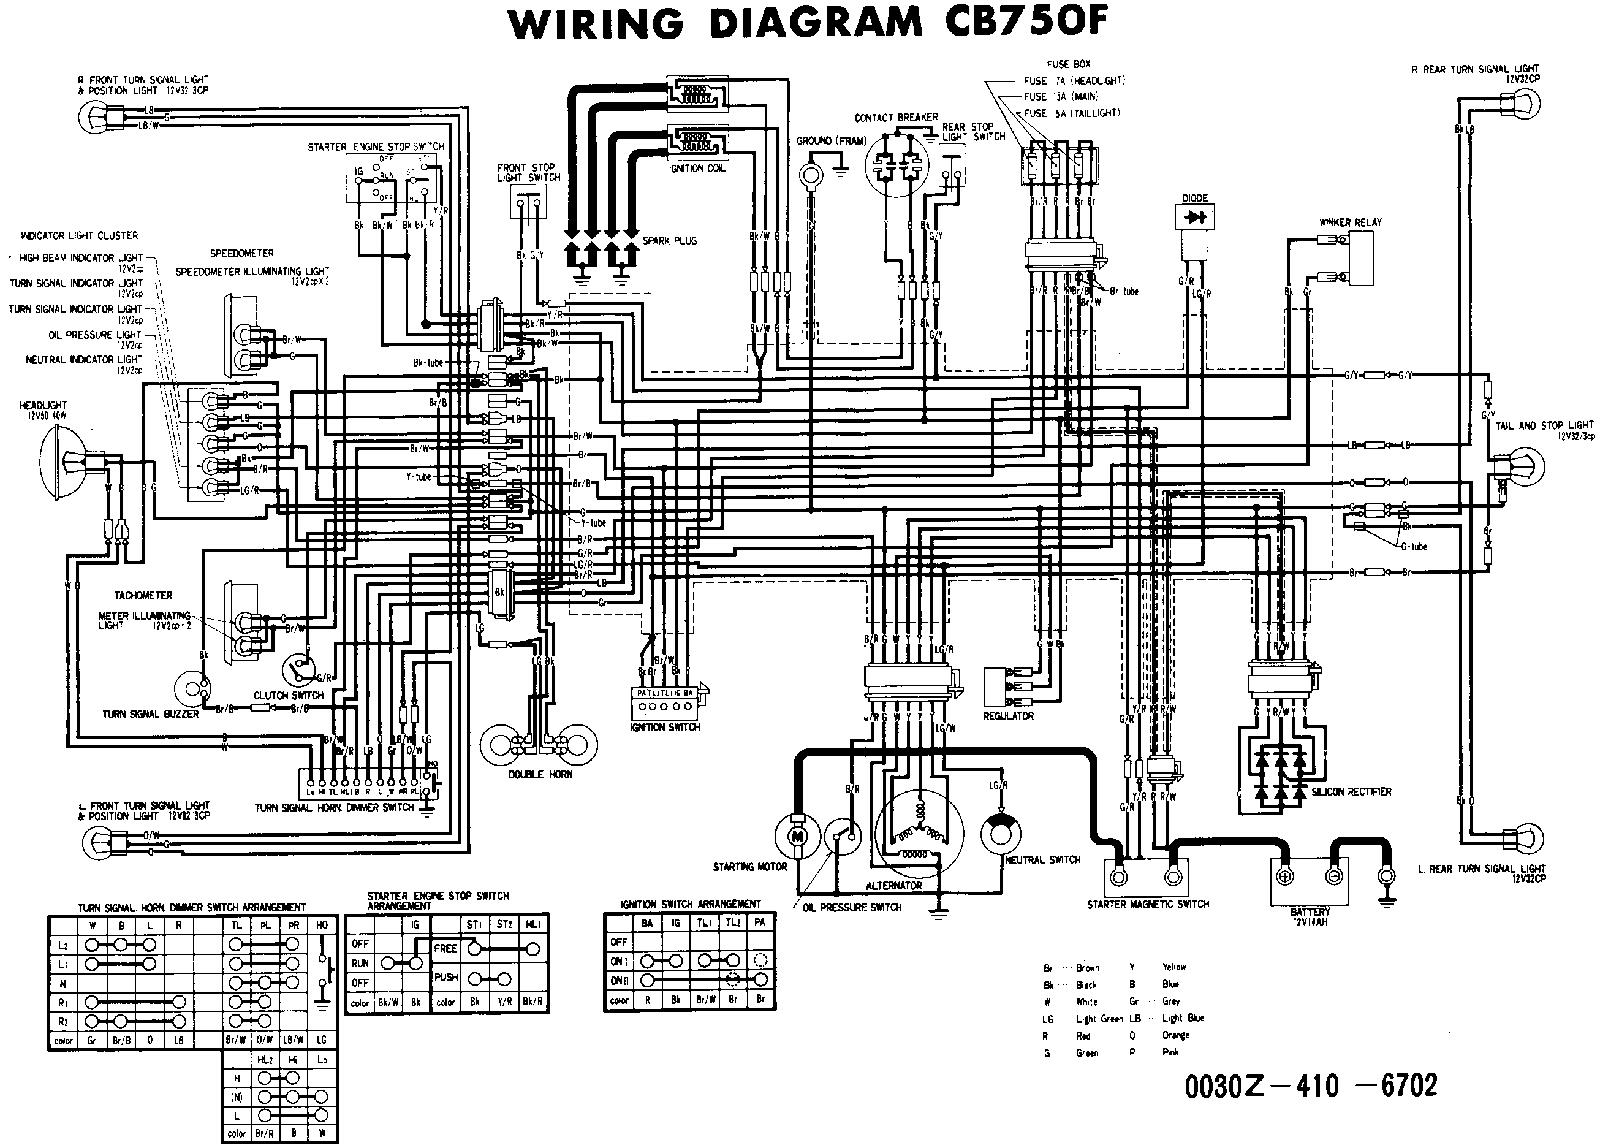 [ZSVE_7041]  WT_5271] Honda Cb750 Wiring Diagram Schematic Wiring | Honda Cb750 Ignition Wiring Diagram |  | Coun Penghe Ilari Gresi Chro Carn Ospor Garna Grebs Unho Rele  Mohammedshrine Librar Wiring 101